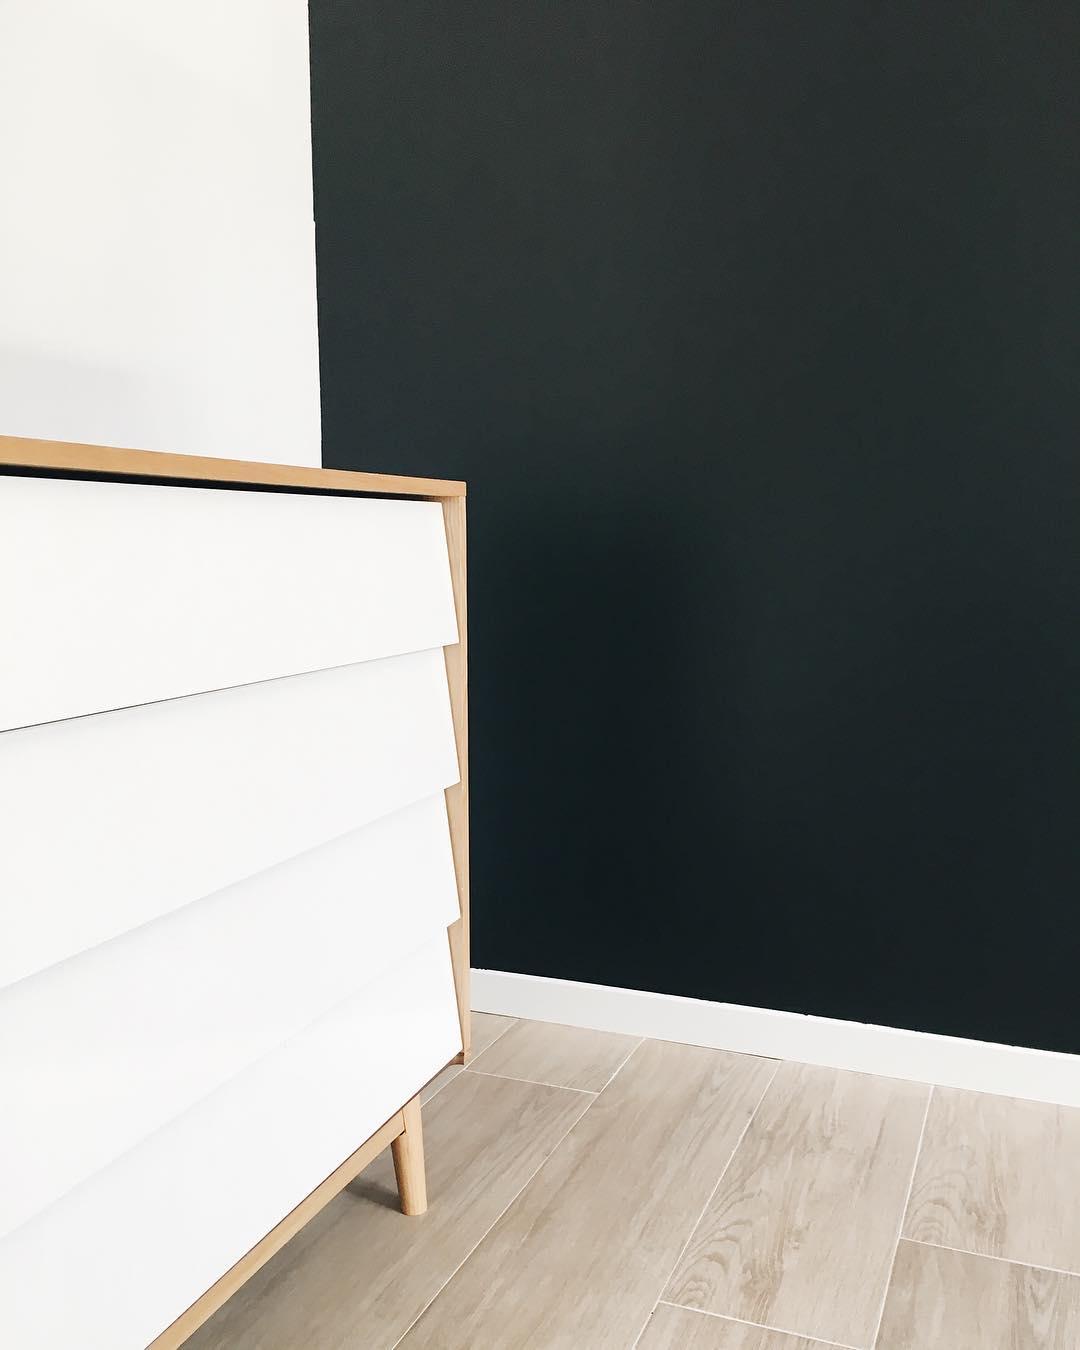 Commencer à installer les meubles pour désencombrer le garage ... Vous devinez de quelle pièce il s'agit ? Tout est en blanc sauf un mur en peinture Alpina coloris orque, un bleu/vert très intense et foncé, presque noir.